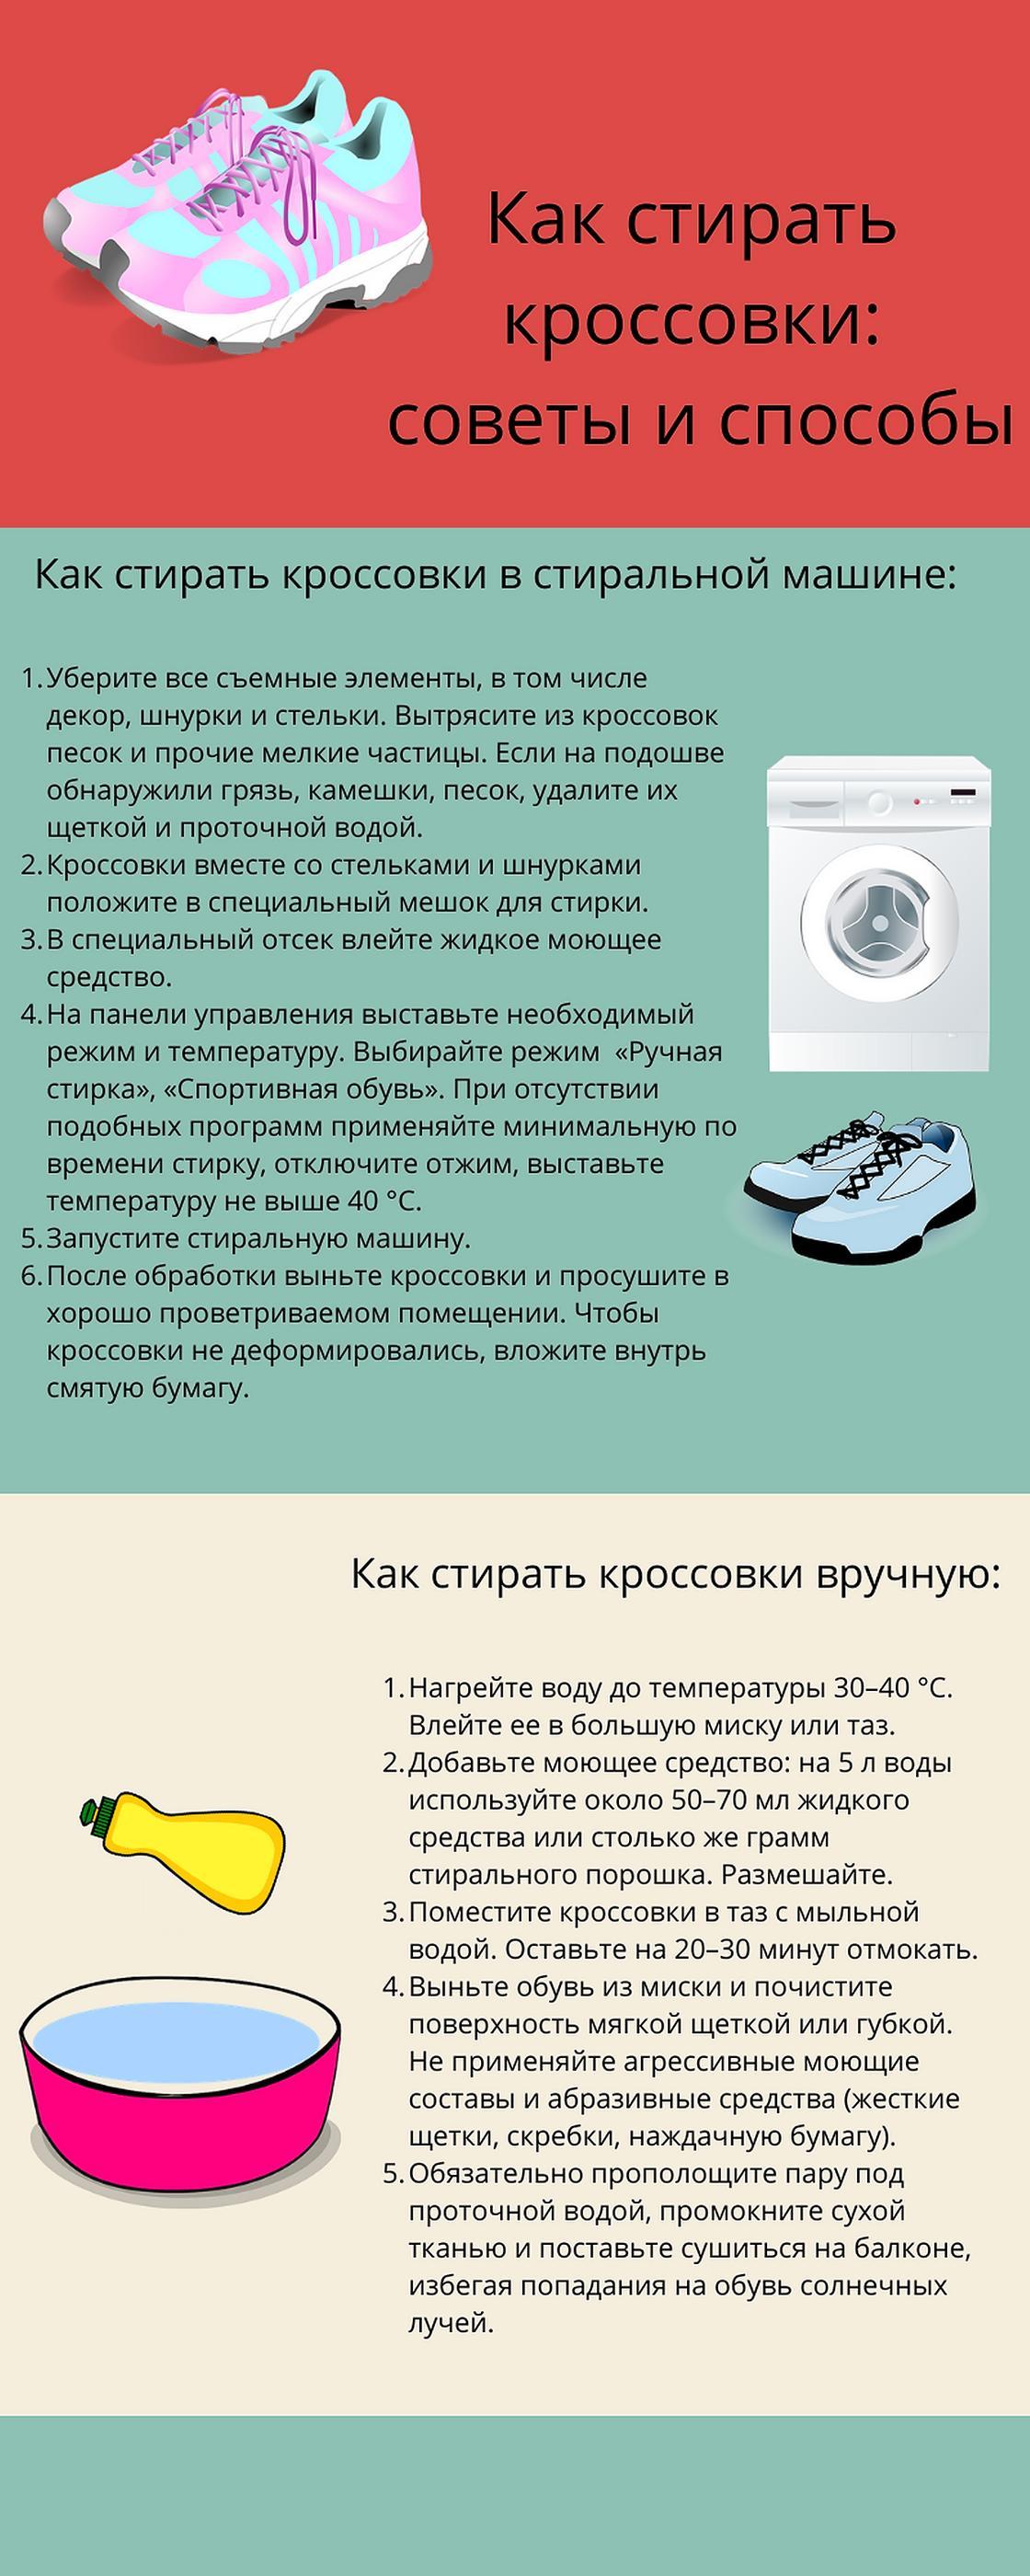 Инфографика: как стирать кроссовки